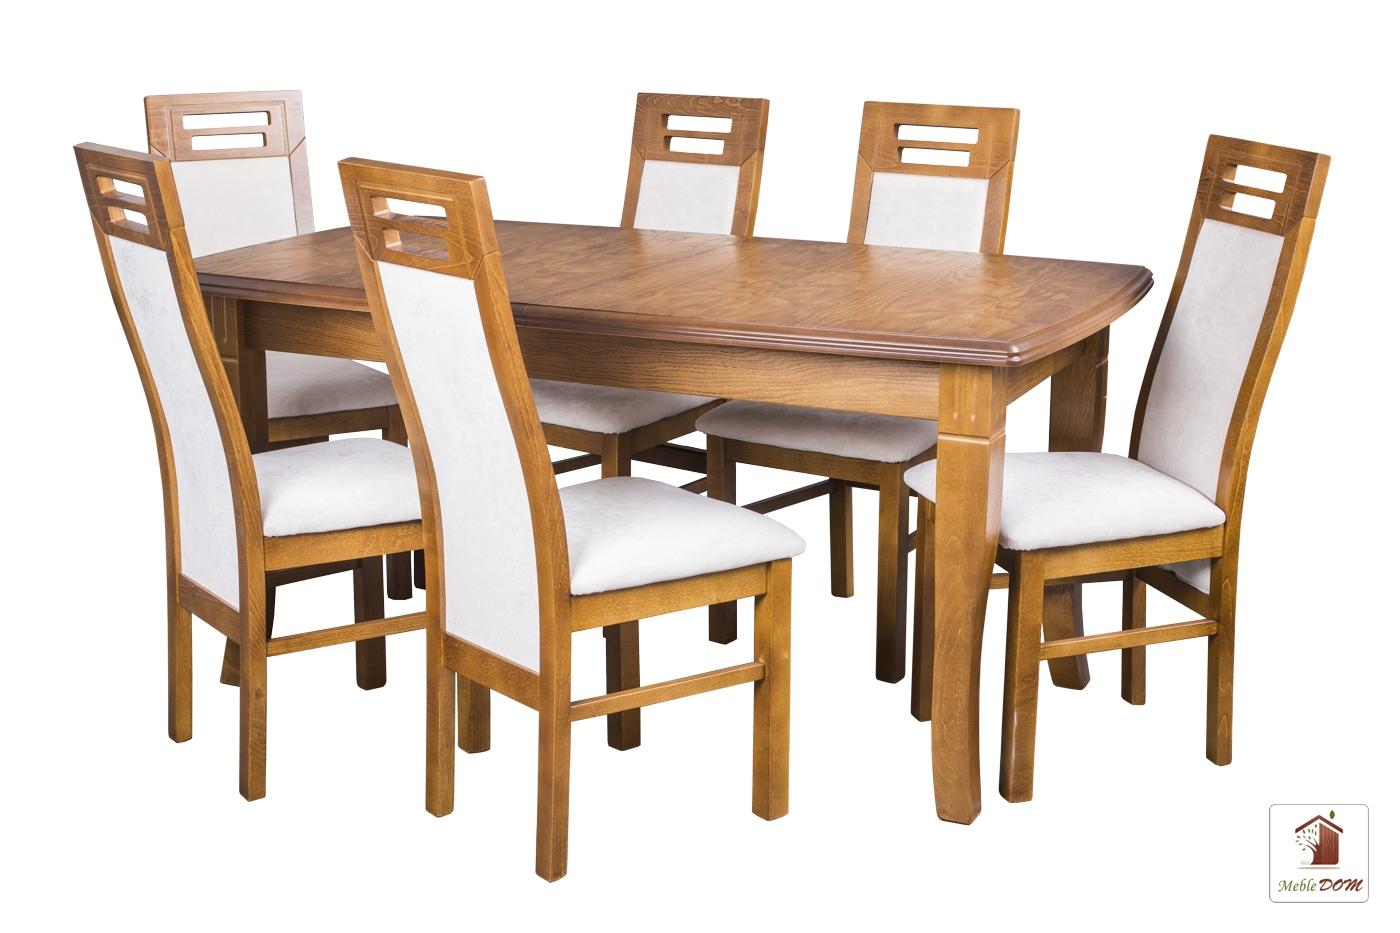 Prostokątny stół rozkładany Diament Elegant z krzesłami Rotterdam